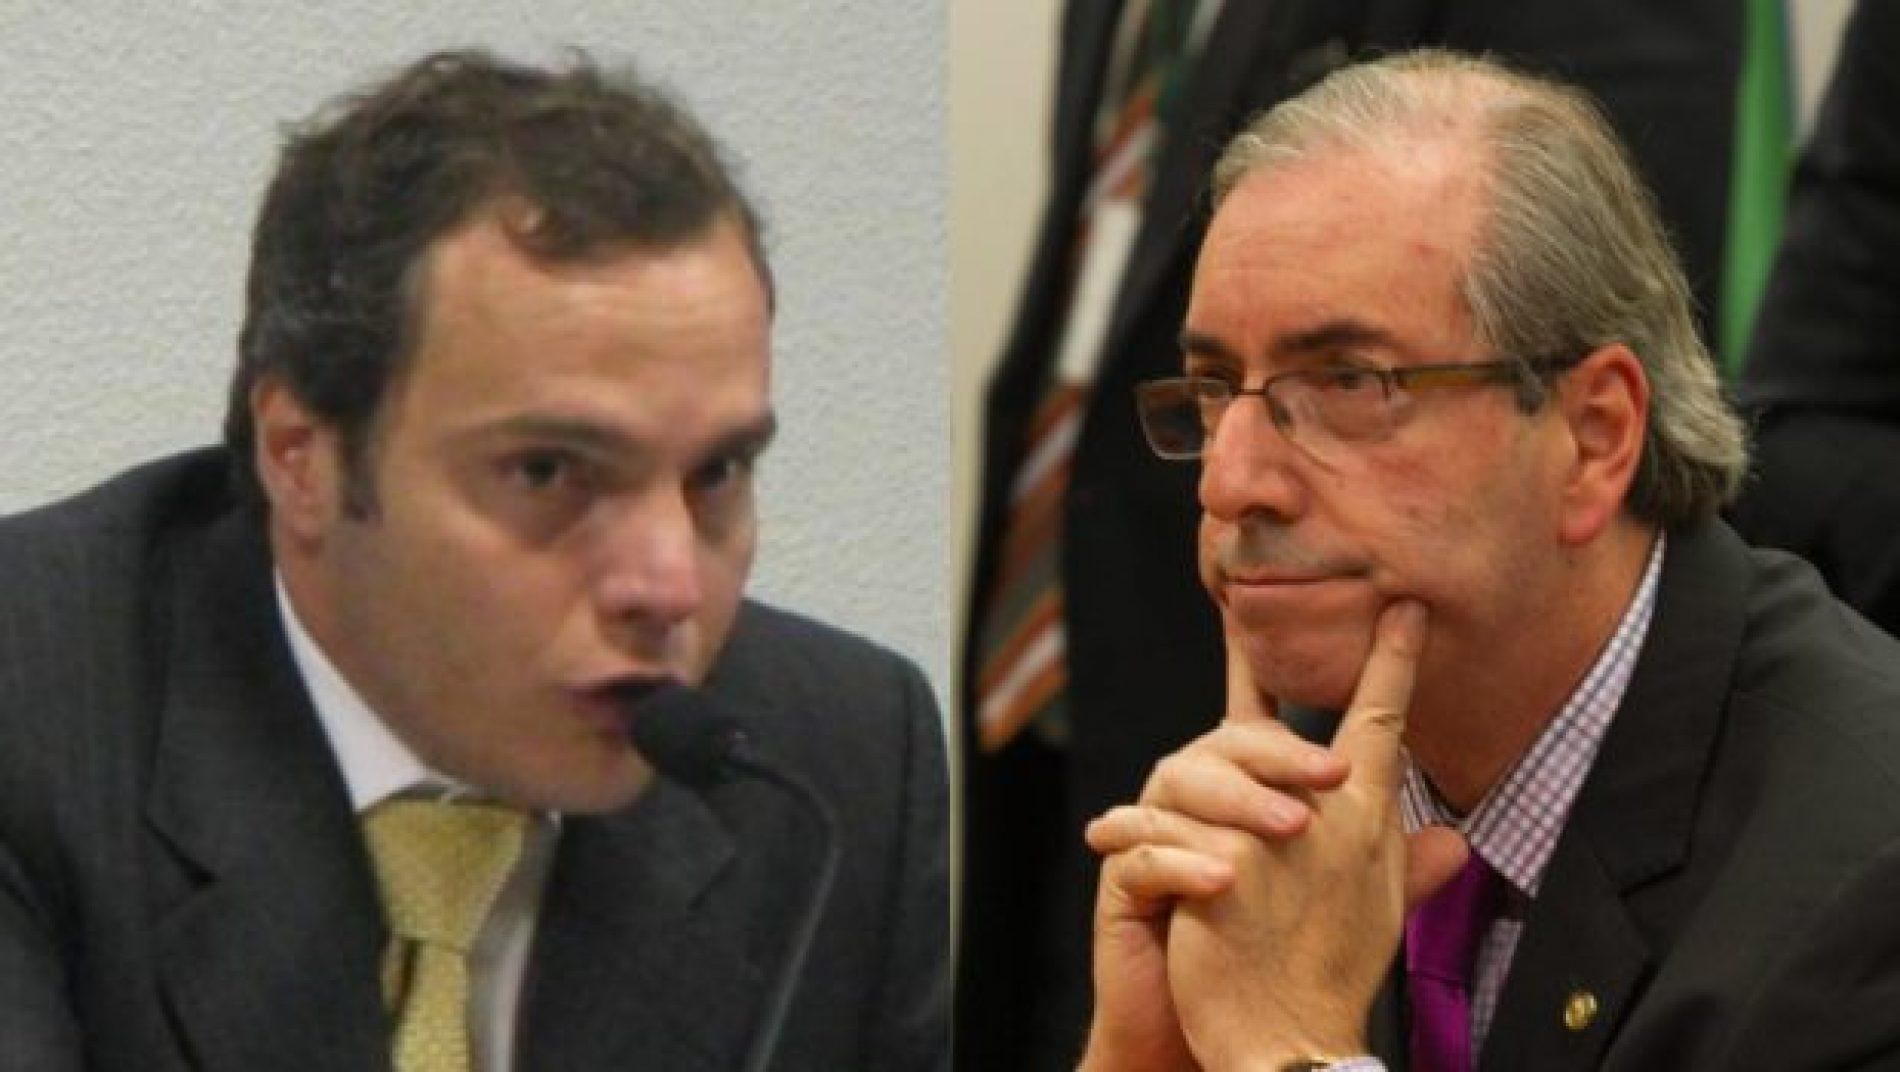 Funaro e Cunha ficam frente a frente em audiência em Brasília